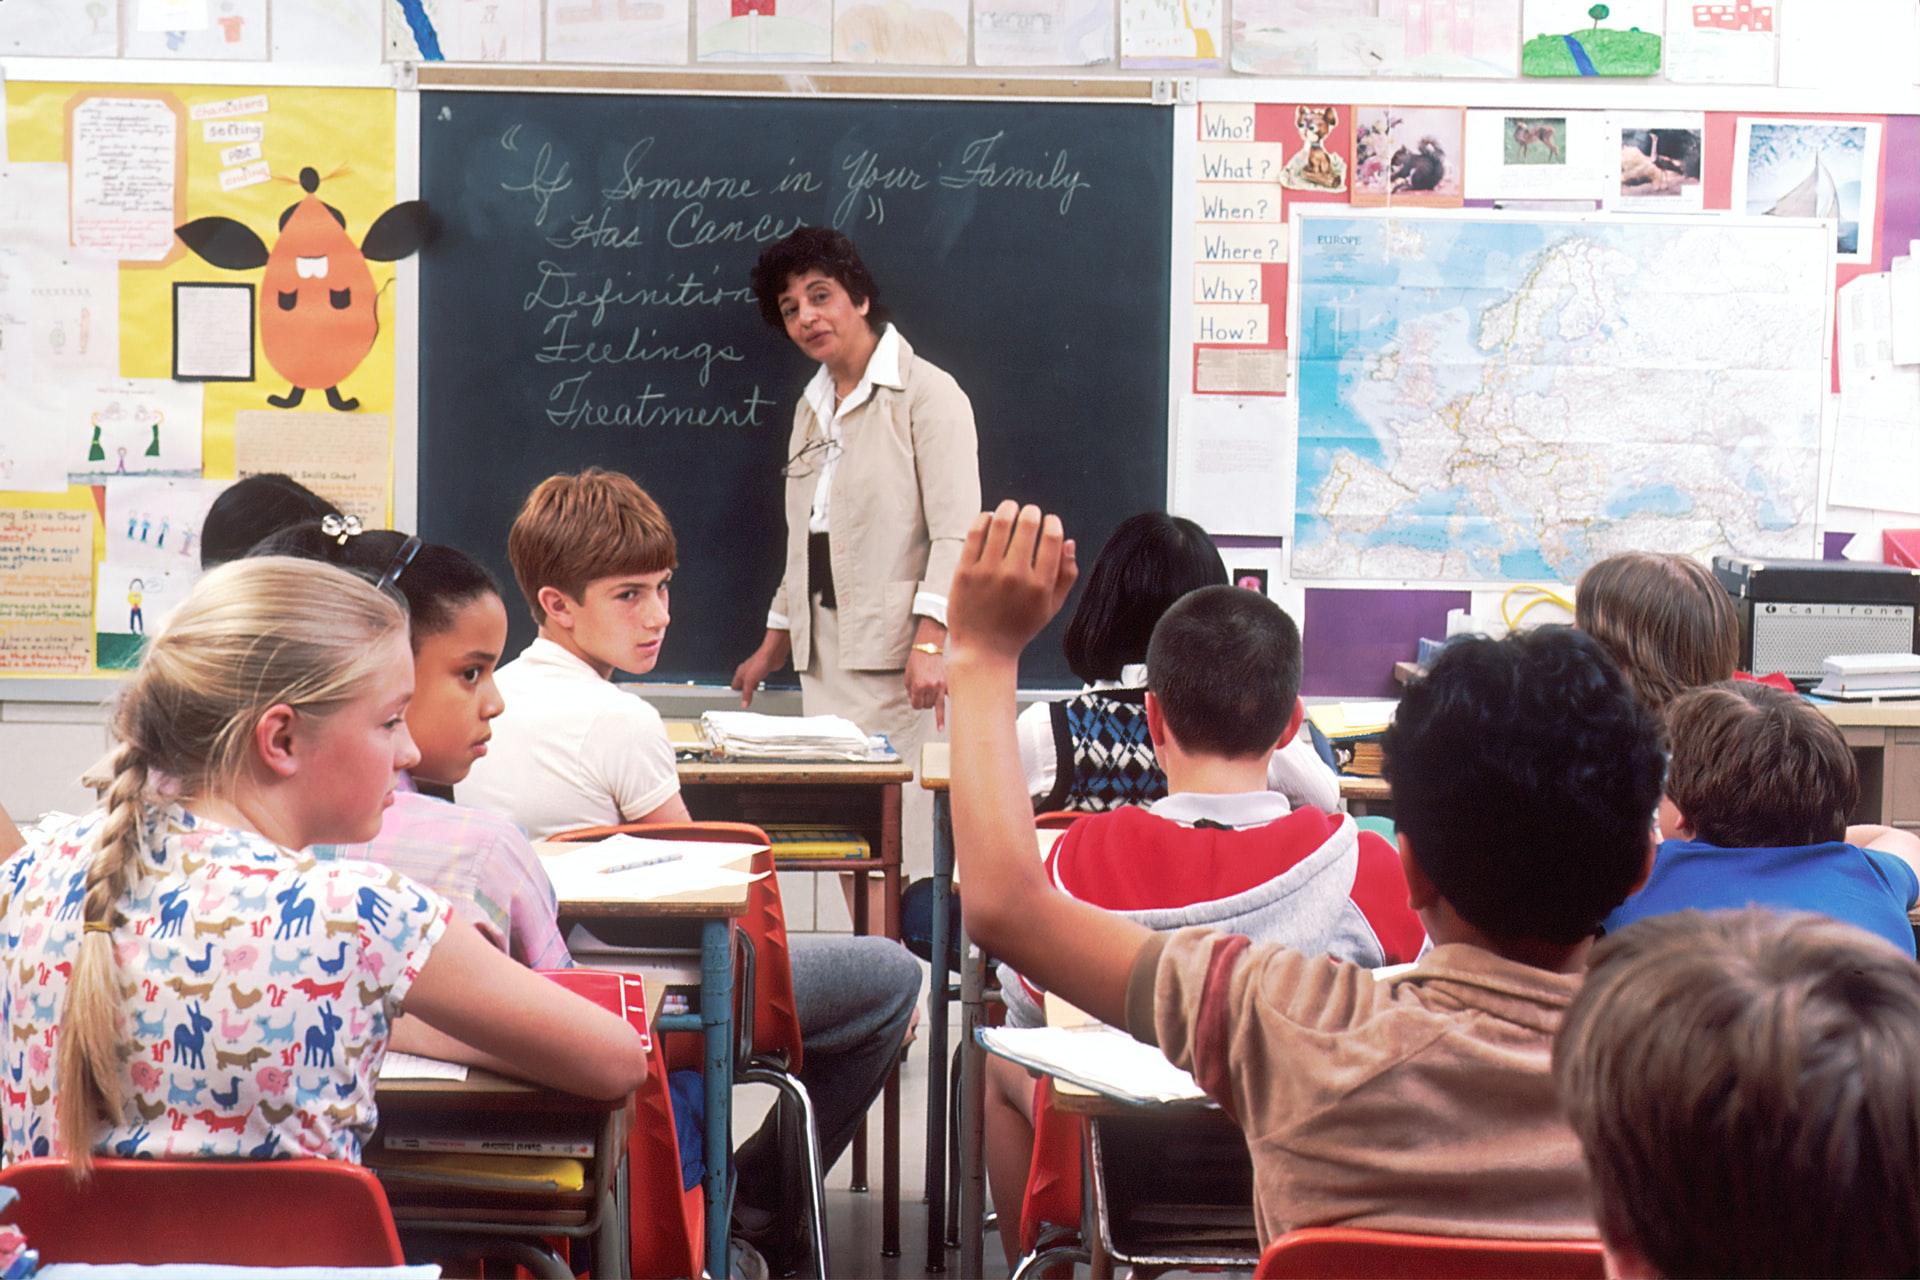 Aumento no salário dos professores? Entenda tudo sobre precatórios do Fundeb e Fundef